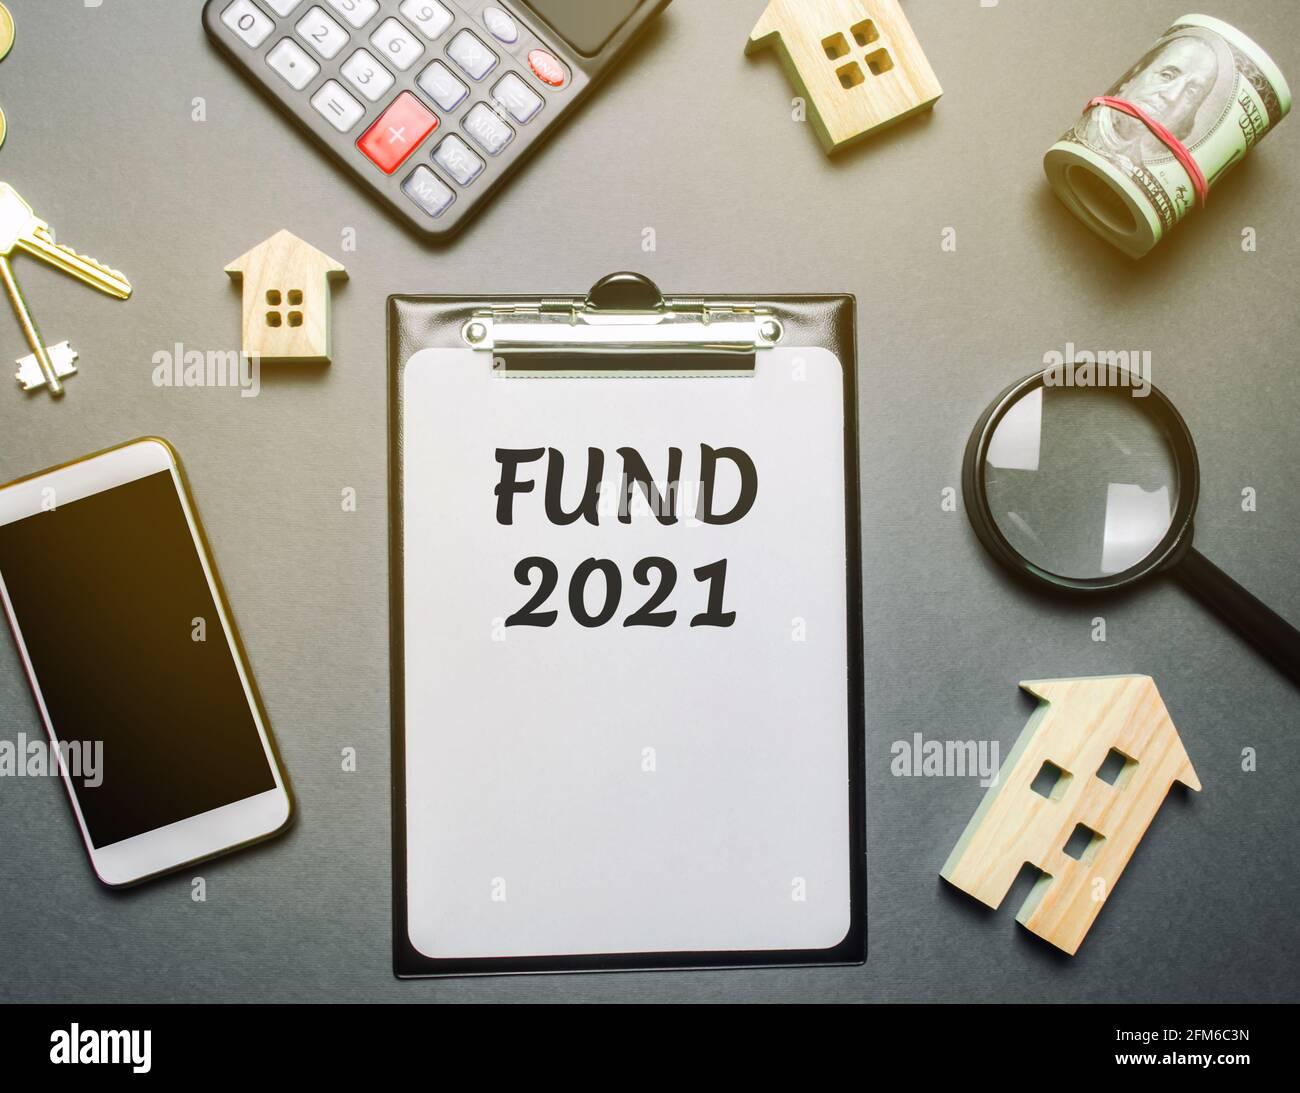 Notas con las palabras FONDO 2021, casas de madera, dinero y teléfono. Concepto de inversión inmobiliaria. Proyectos, construcción y explotación de bienes raíces ob Foto de stock